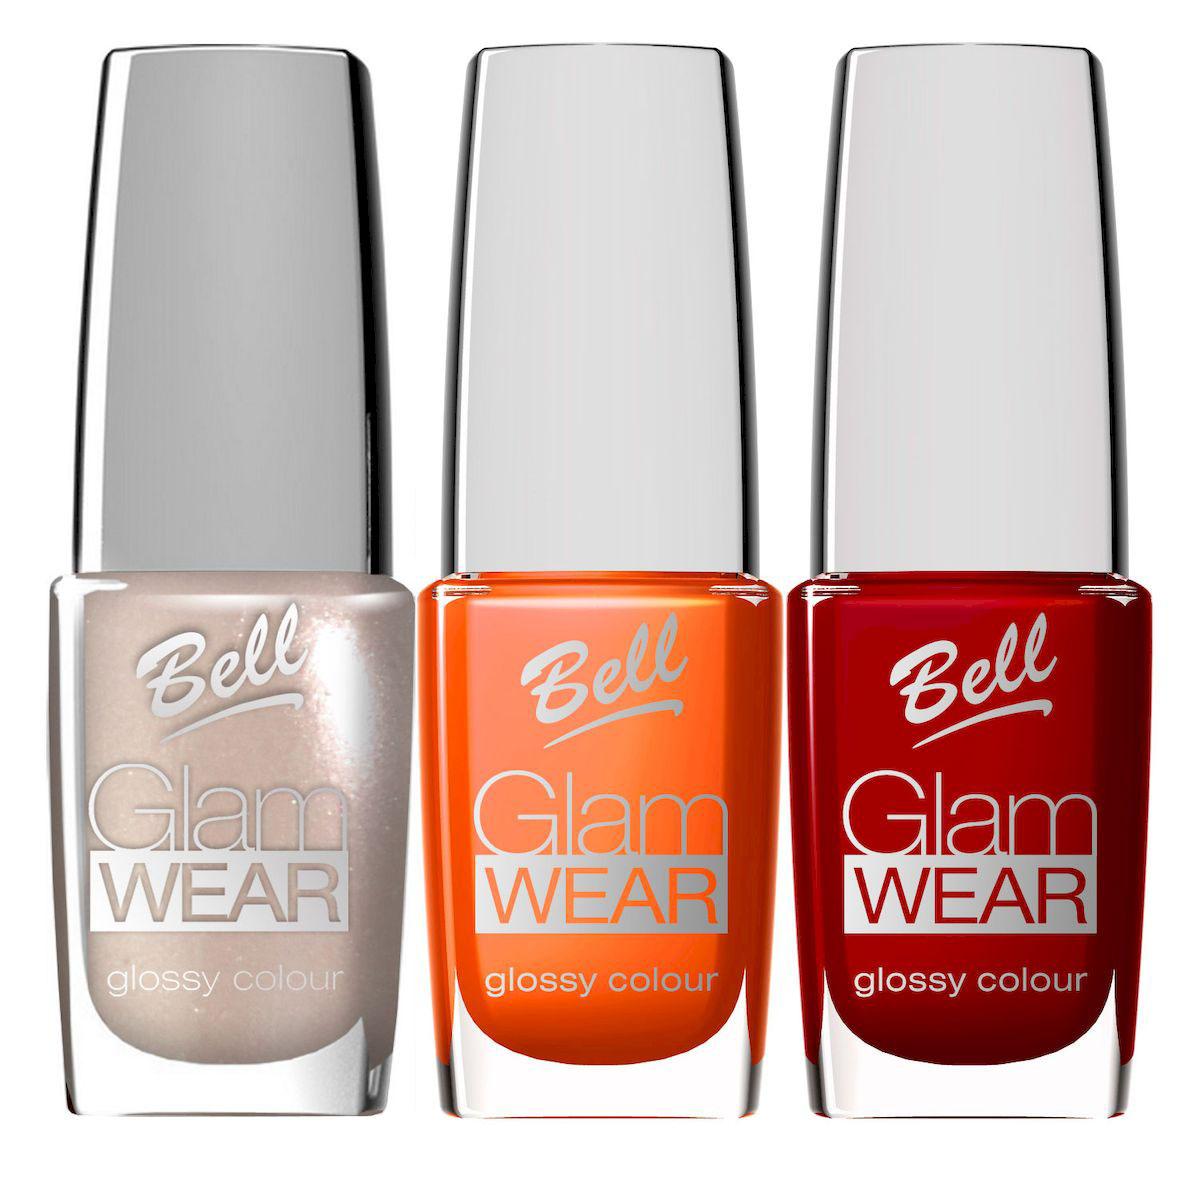 Bell Набор устойчивых лаков для ногтей с глянцевым эффектом Glam Wear Nail: тон №417, тон №418, тон №419, 30 млBsp24Устойчивый лак для ногтей.